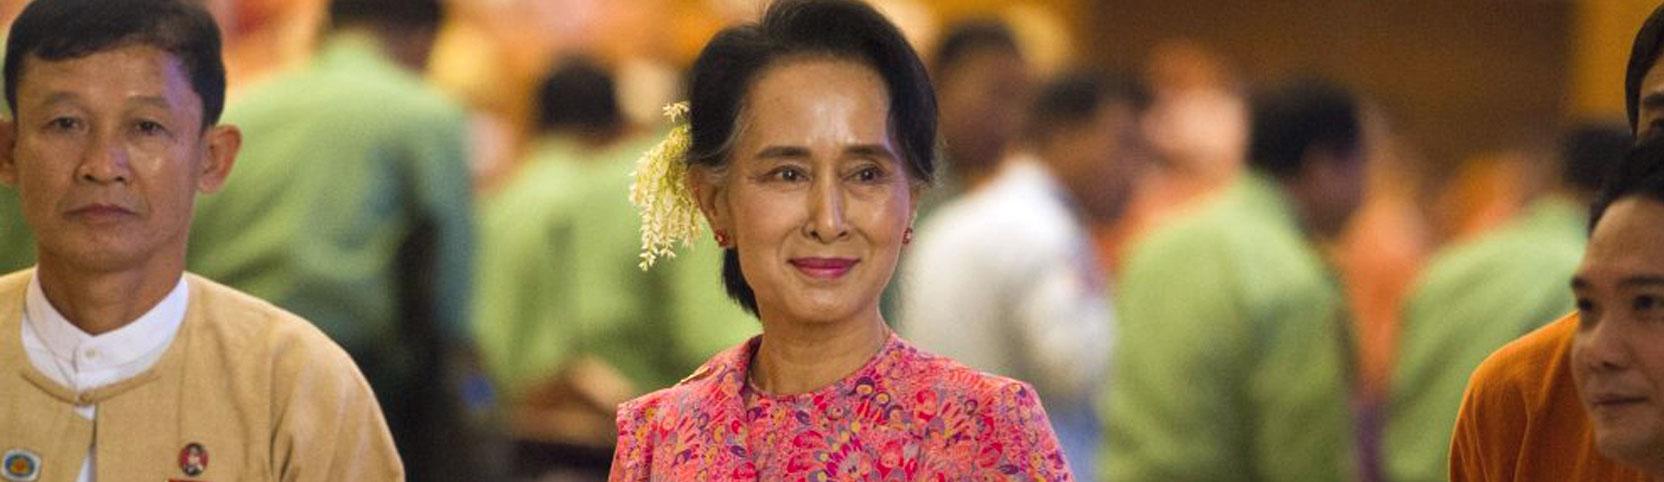 Myanmar sito di incontri online Velocità datazione Cranbourne